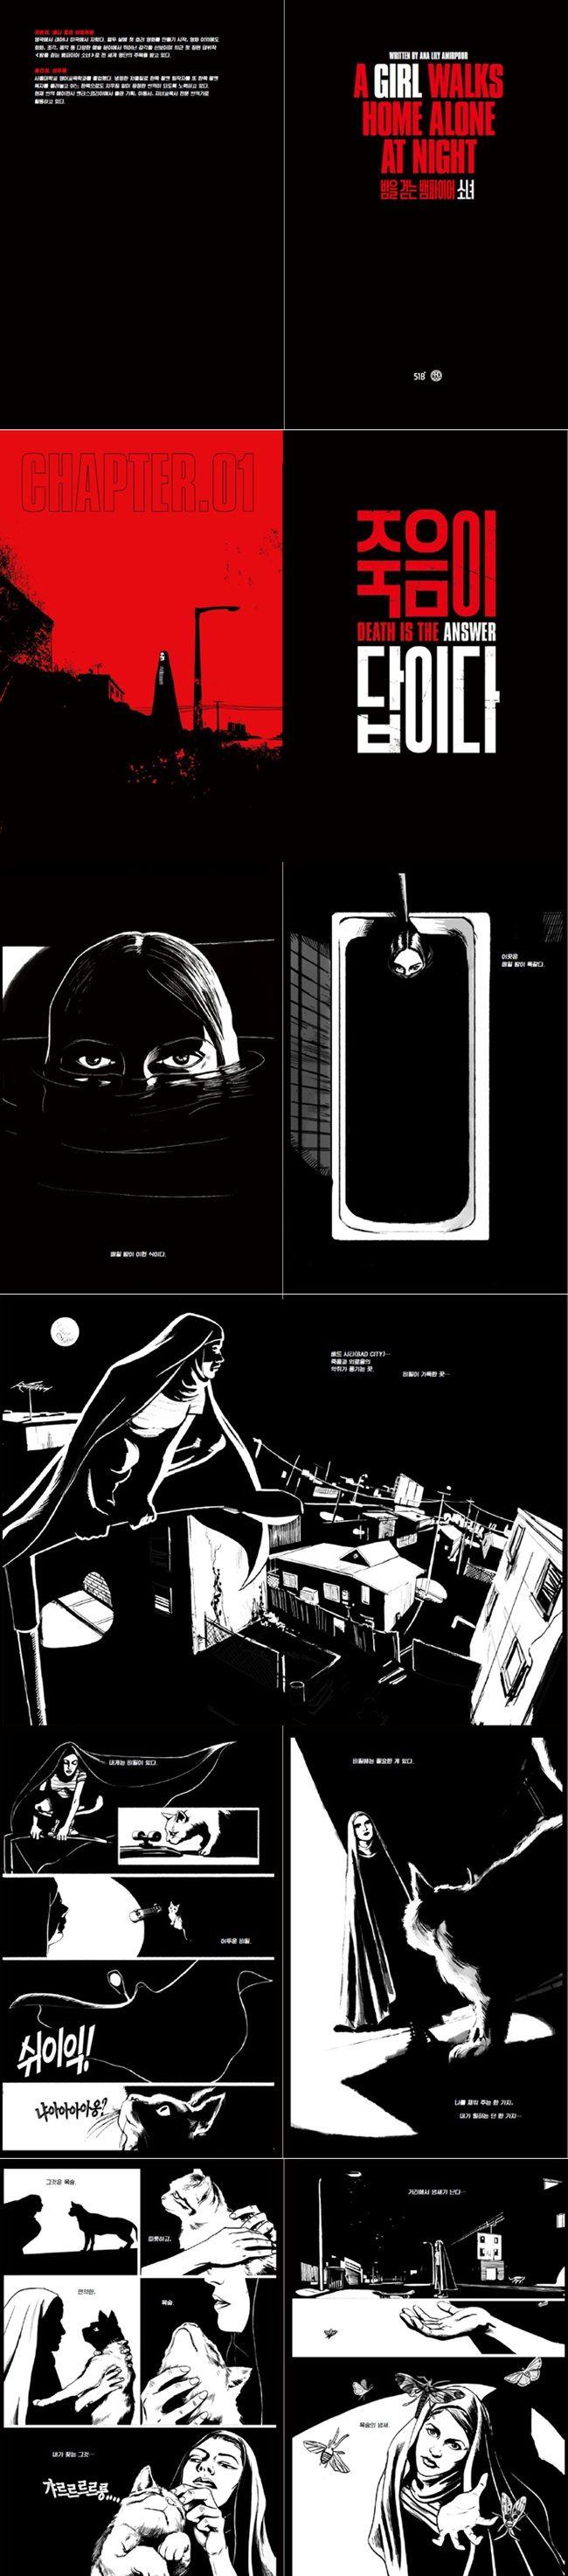 [도서] 밤을 걷는 뱀파이어 소녀, 애나 릴리 아미푸르 글,그림, 9791186690000 | YES24 상품정보